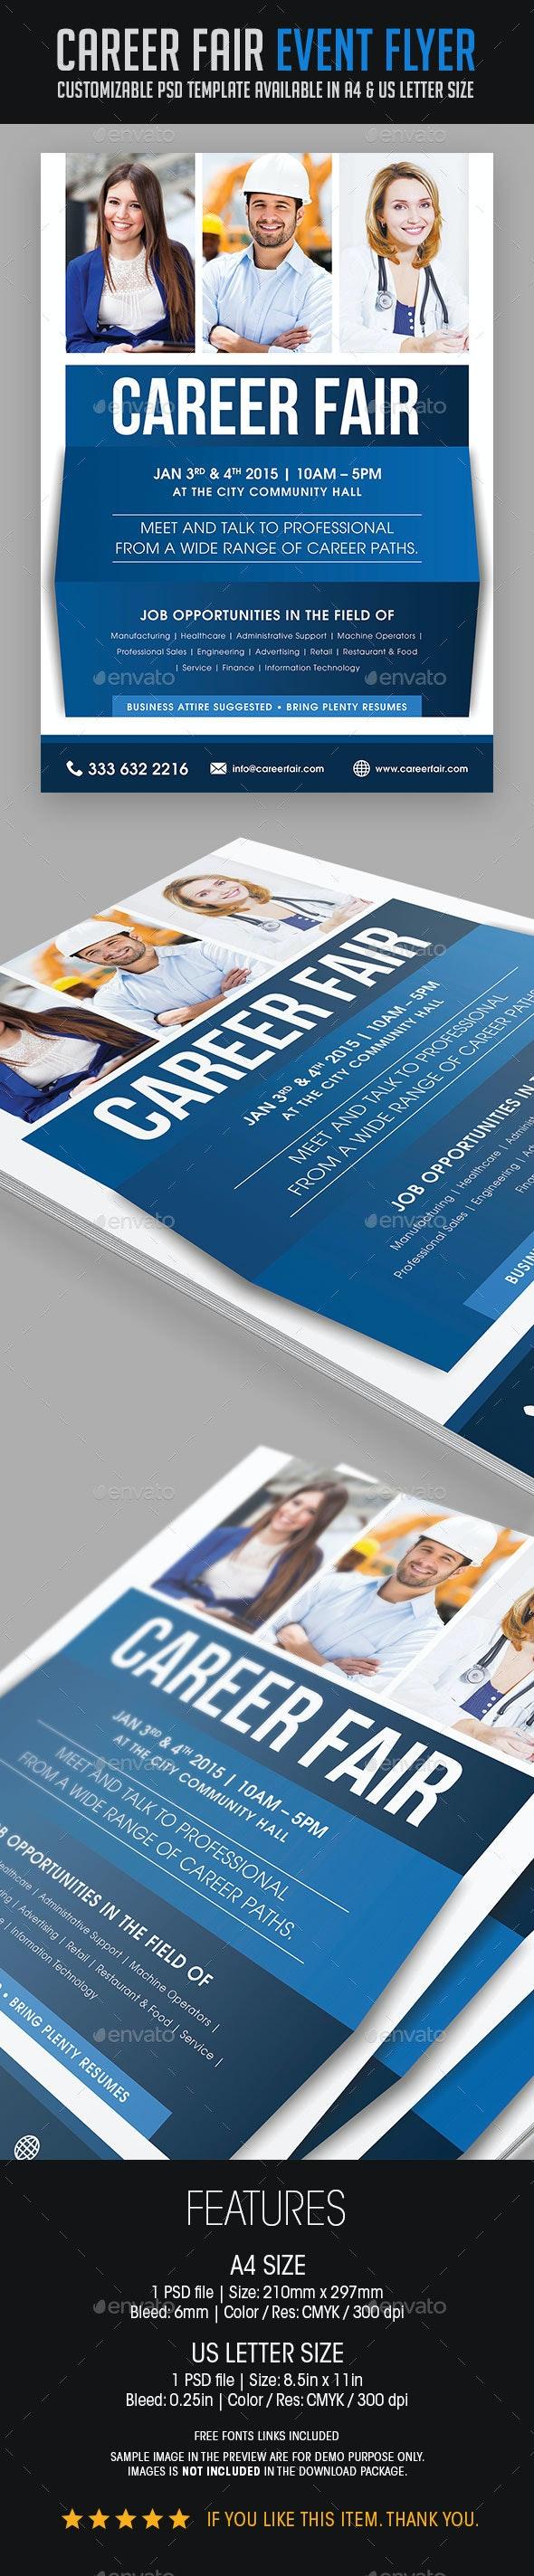 Career Fair Event Flyer - Events Flyers